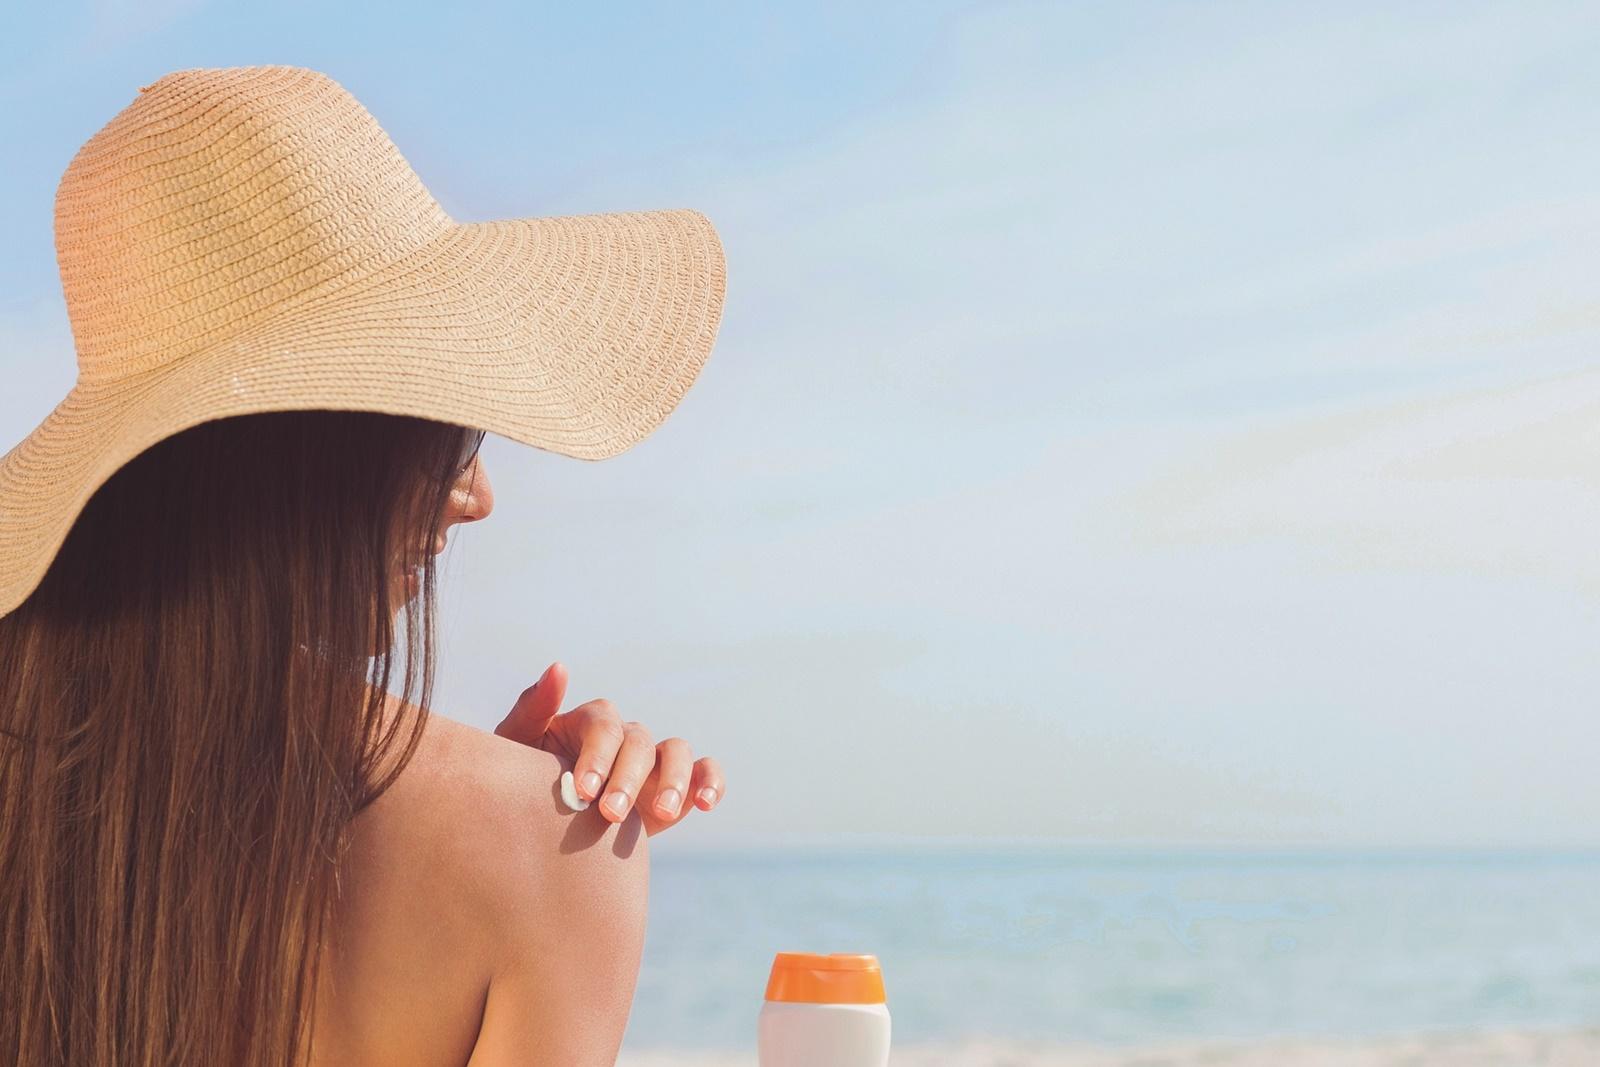 Fakty i mity na temat filtrów przeciwsłonecznych. Czym różnią się filtry mineralne od chemicznych? Czy olejek z pestek malin chroni przed promieniowaniem?